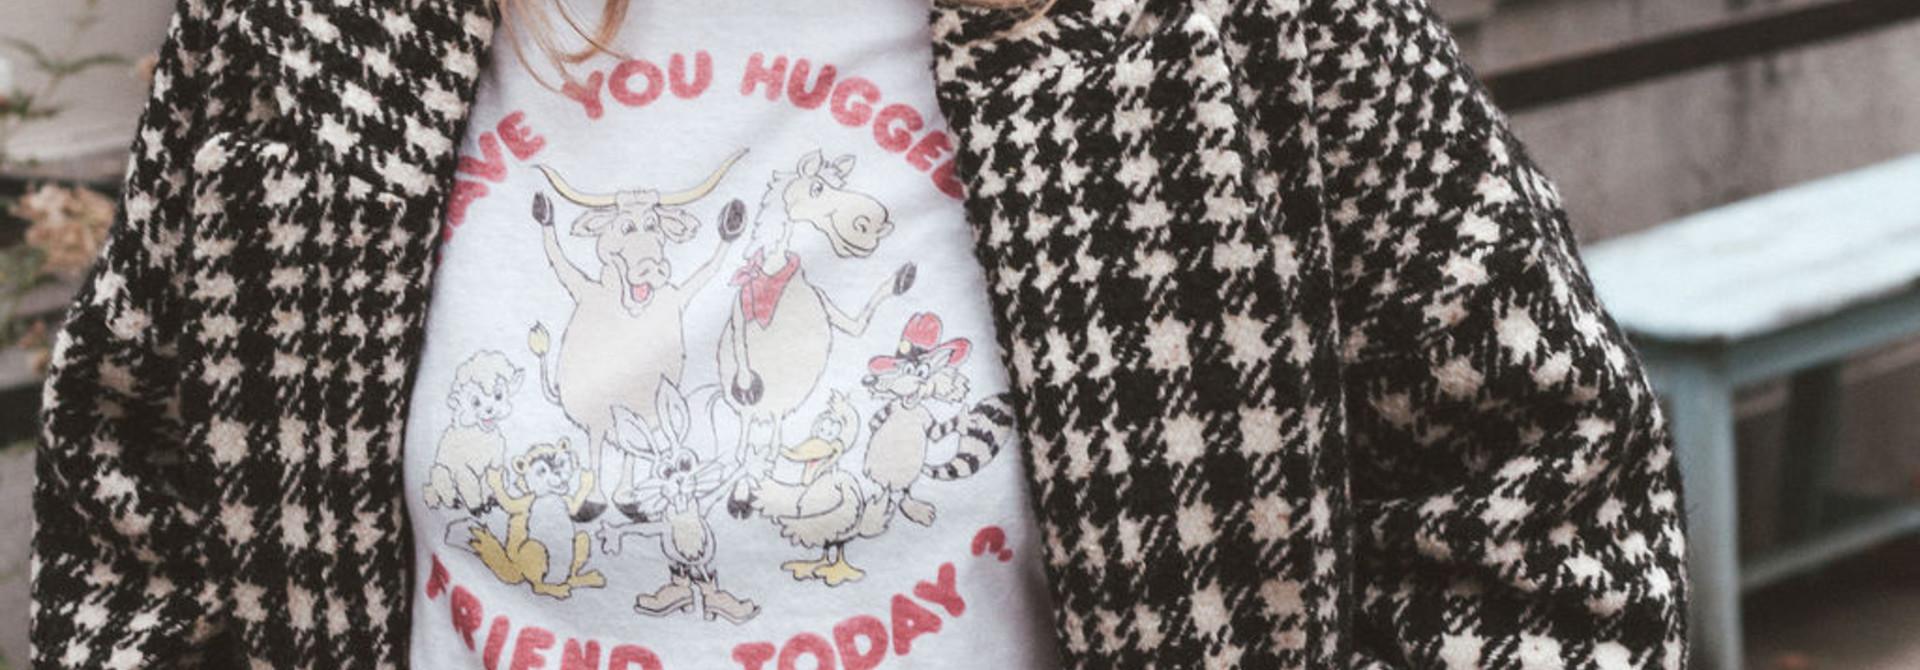 T-shirt Hug a friend